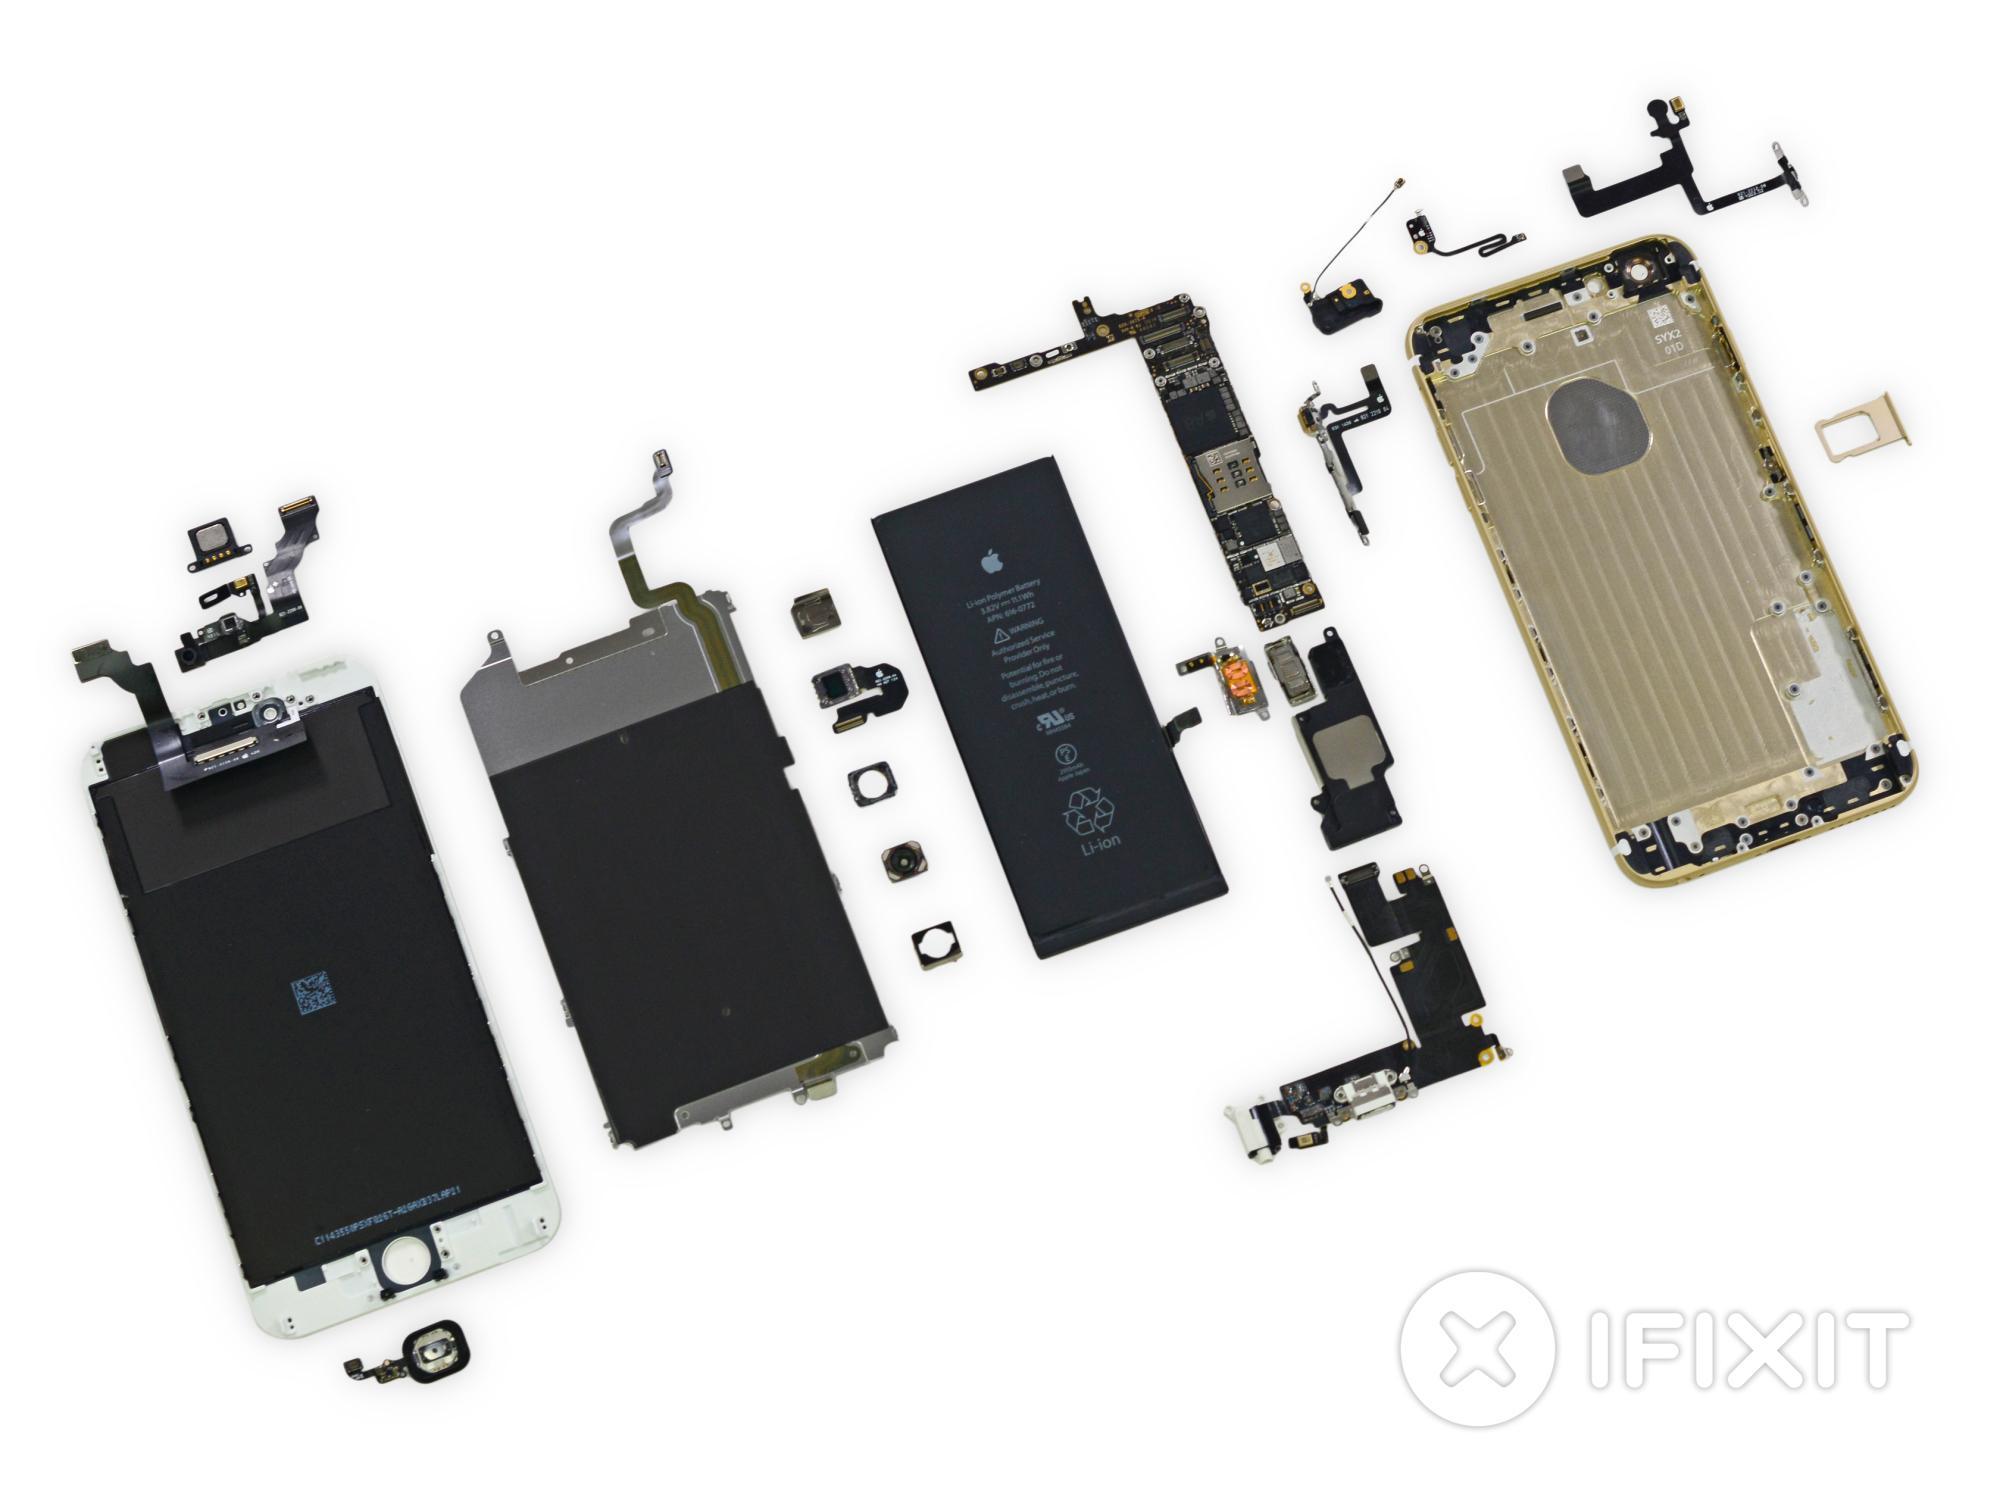 Blick ins Innere von iPhone 6 Plus und iPhone 6 | Mac & i